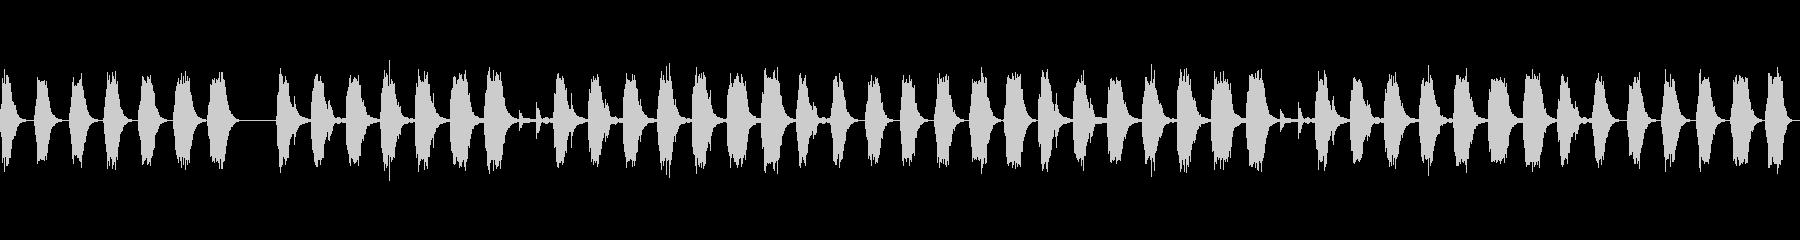 アイリッシュハープの心地良い音色の未再生の波形